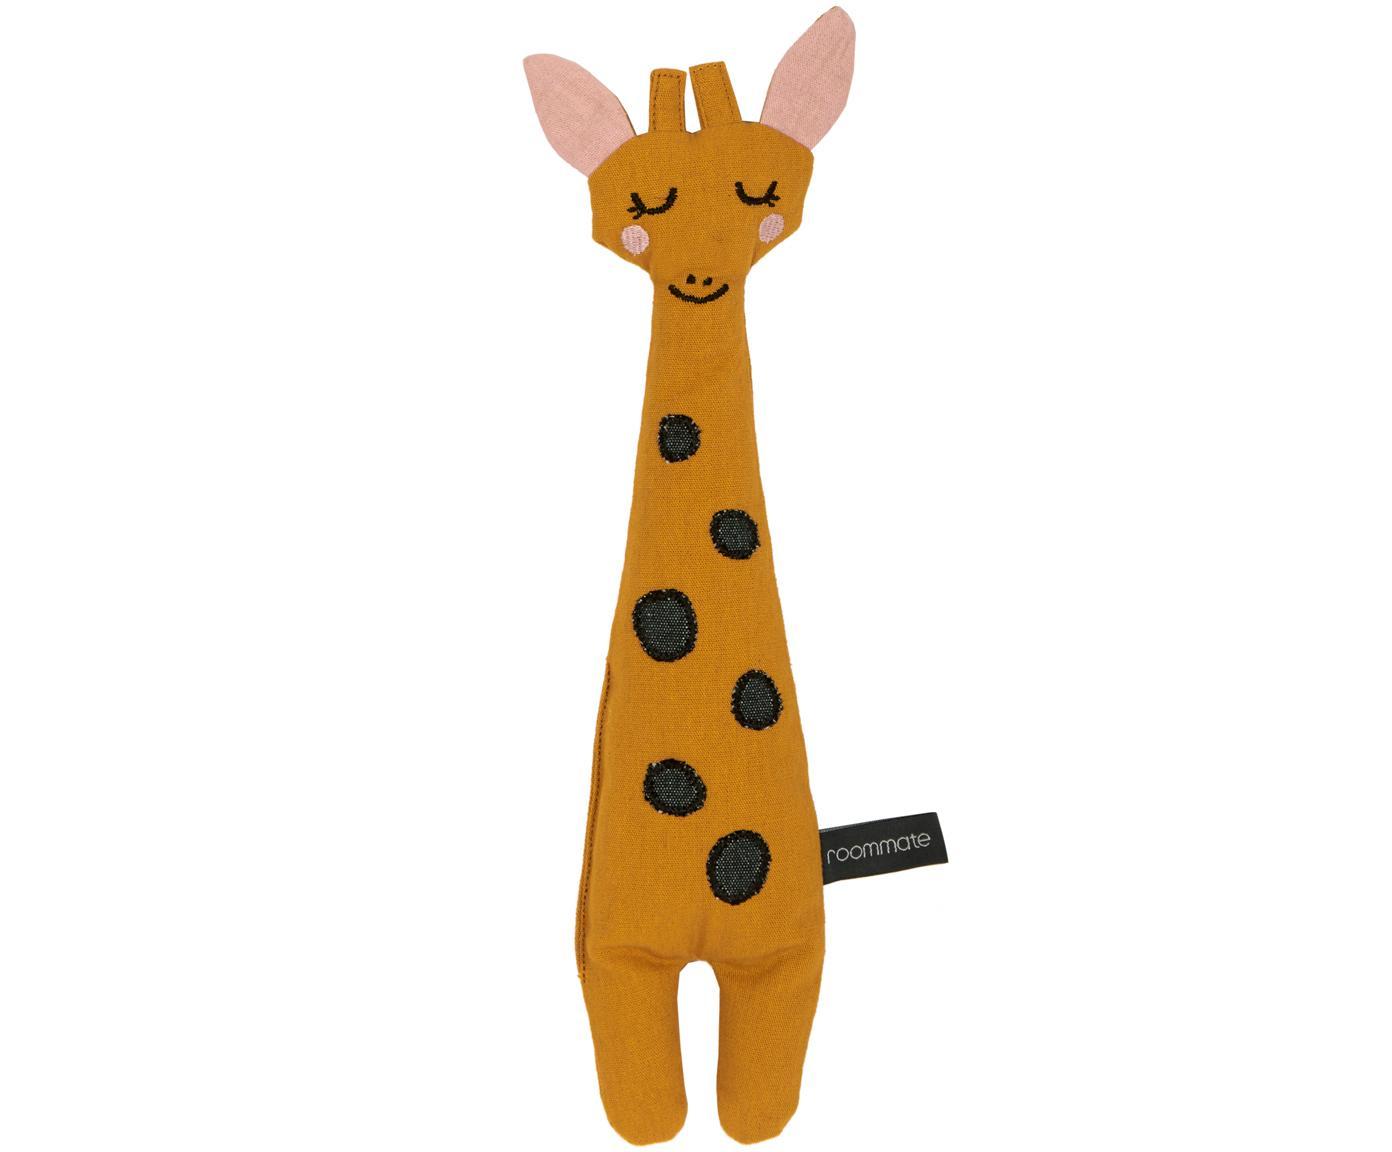 Peluche giraffa in cotone organico Giraffe, Giallo, nero, rosa, Larg. 8 x Alt. 30 cm